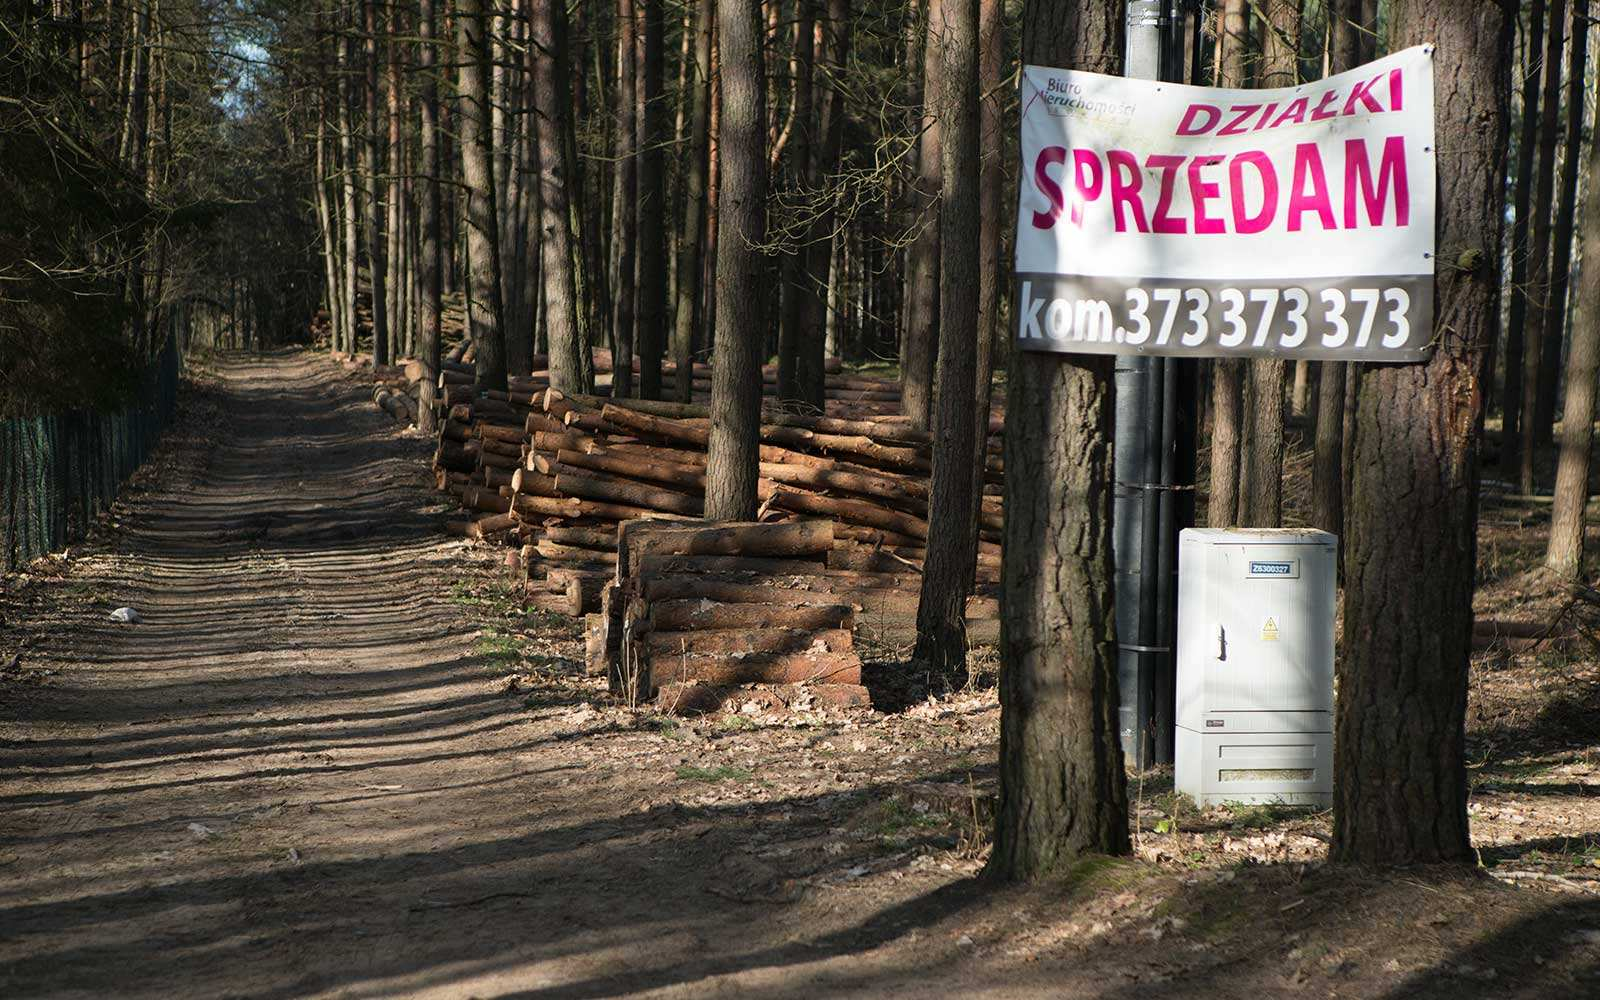 Działki leśne na sprzedaż Fot. Krzysztof Skłodowski